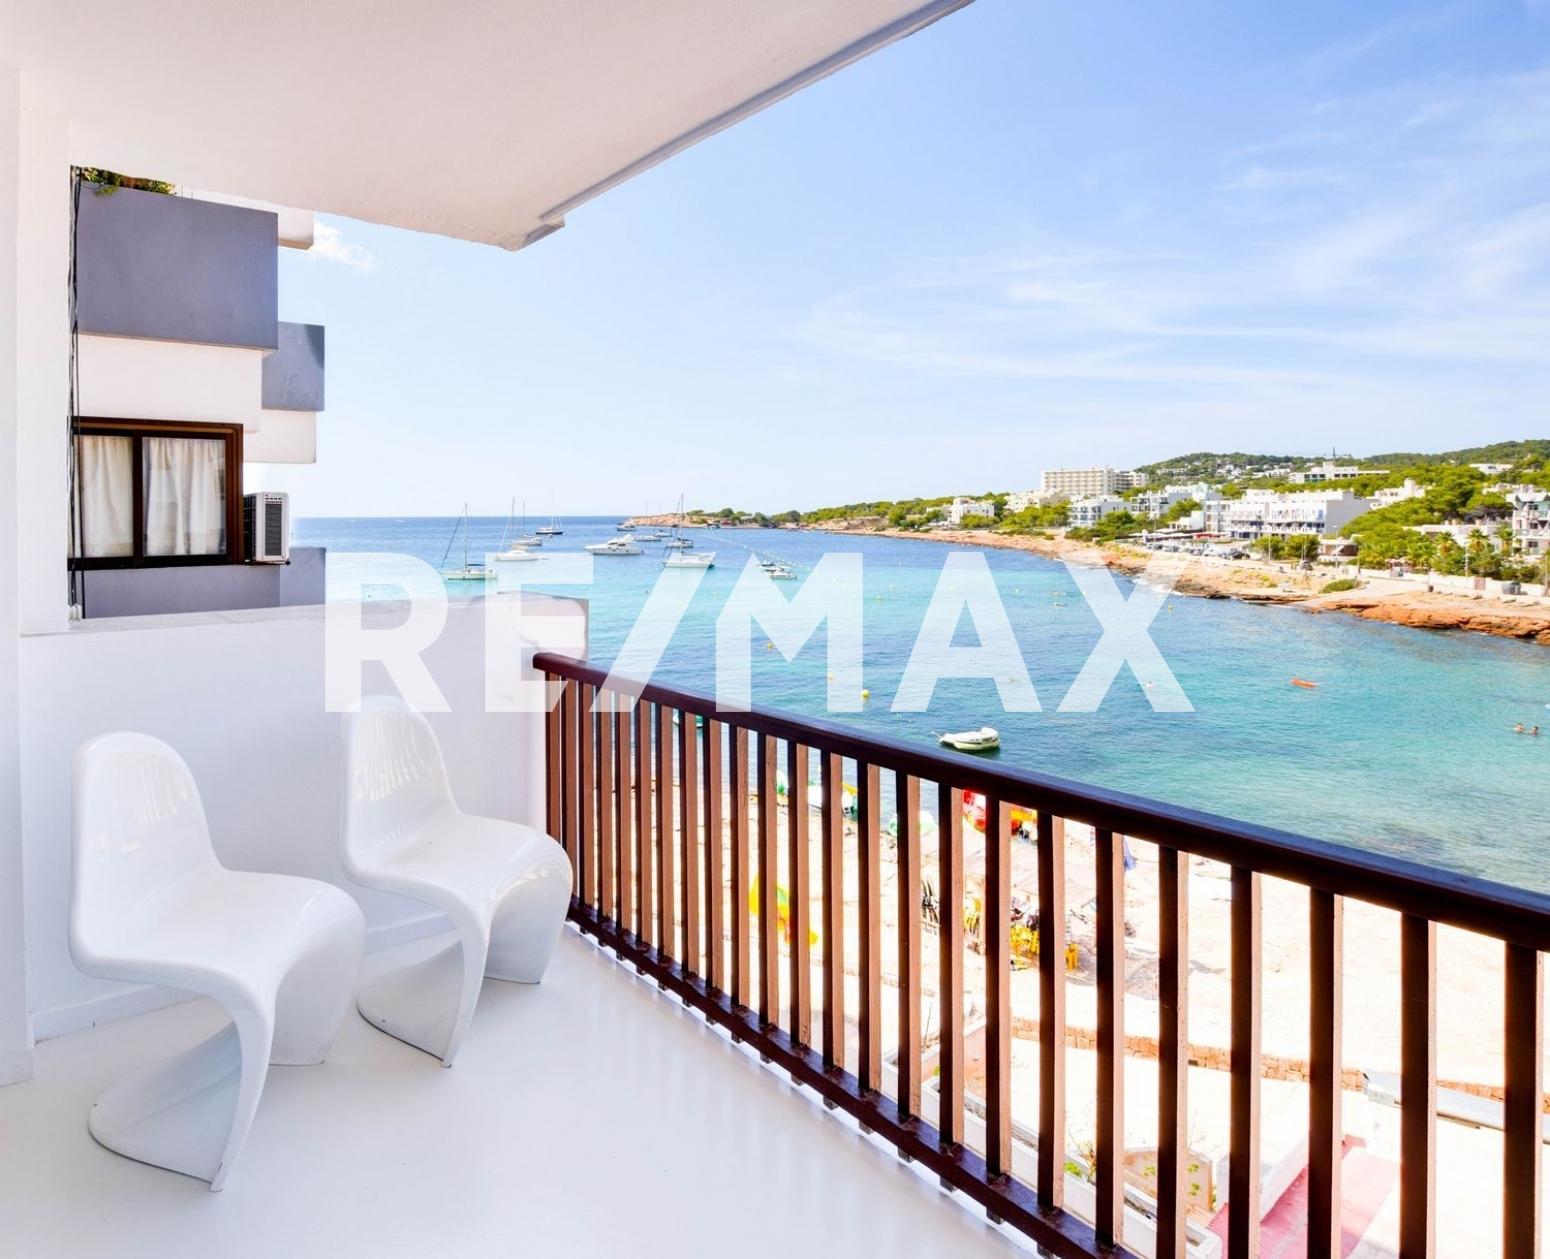 Appartamento in Sant Antoni de Portmany. Apartamento luminoso con maravillosa vista al mar, situado en el